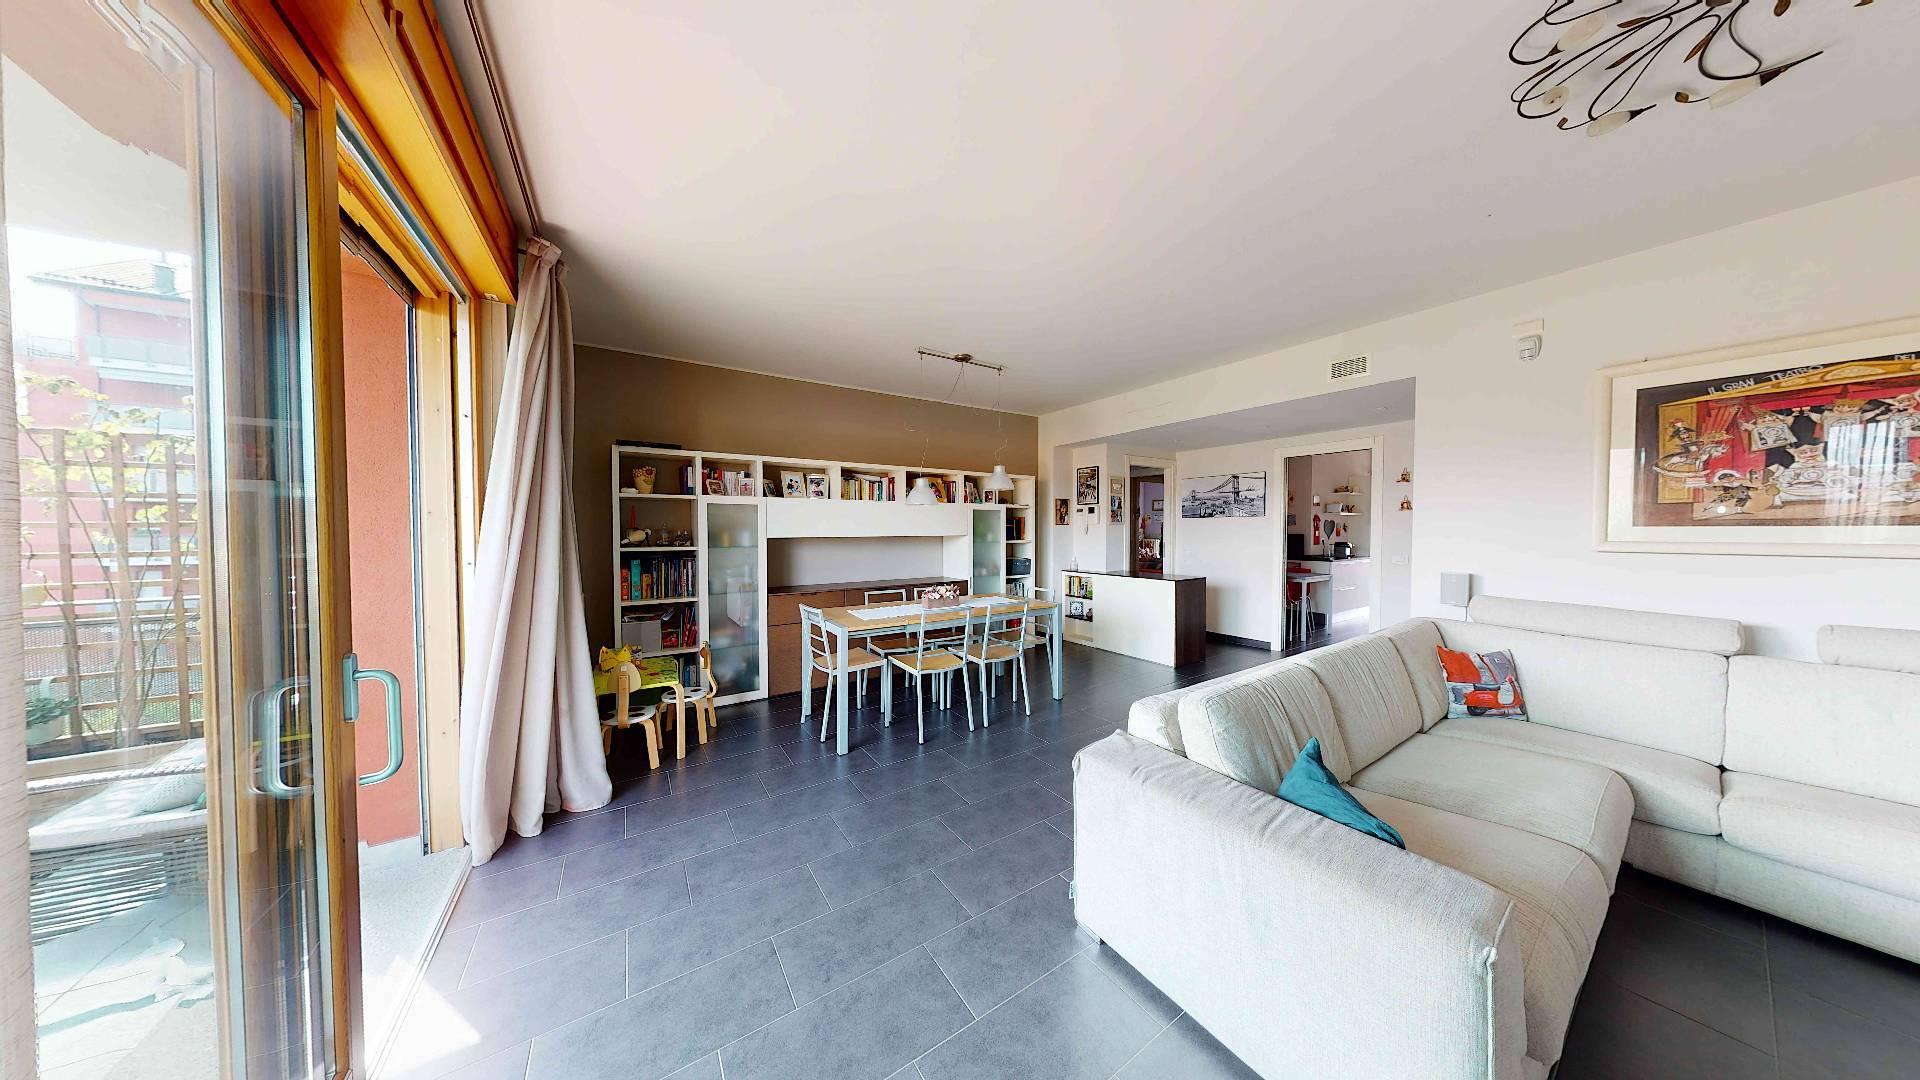 Appartamento in vendita a Tradate, 3 locali, zona Località: STAZIONEFNM, prezzo € 229.000   PortaleAgenzieImmobiliari.it